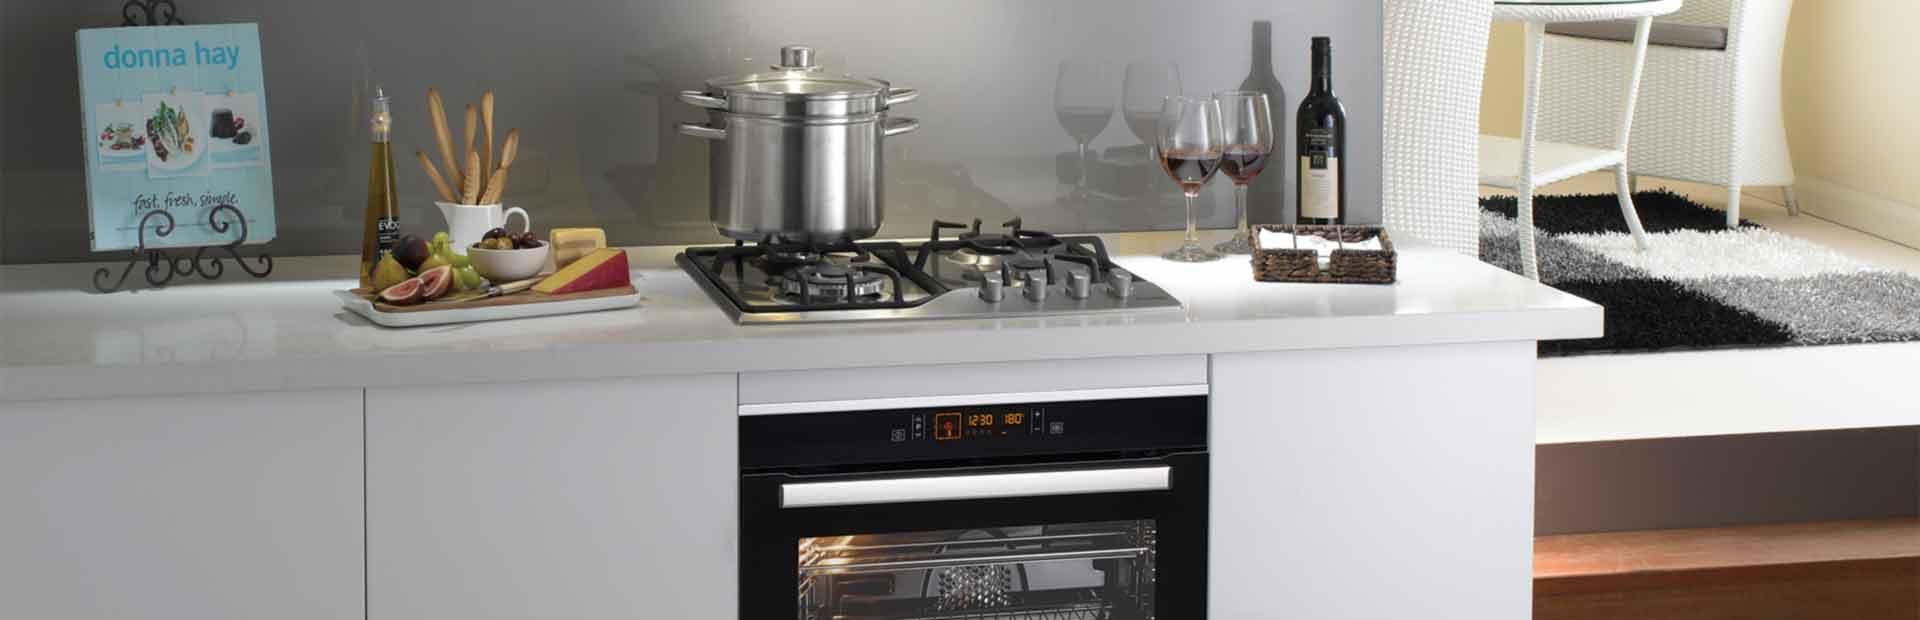 IAG Appliance Repairs